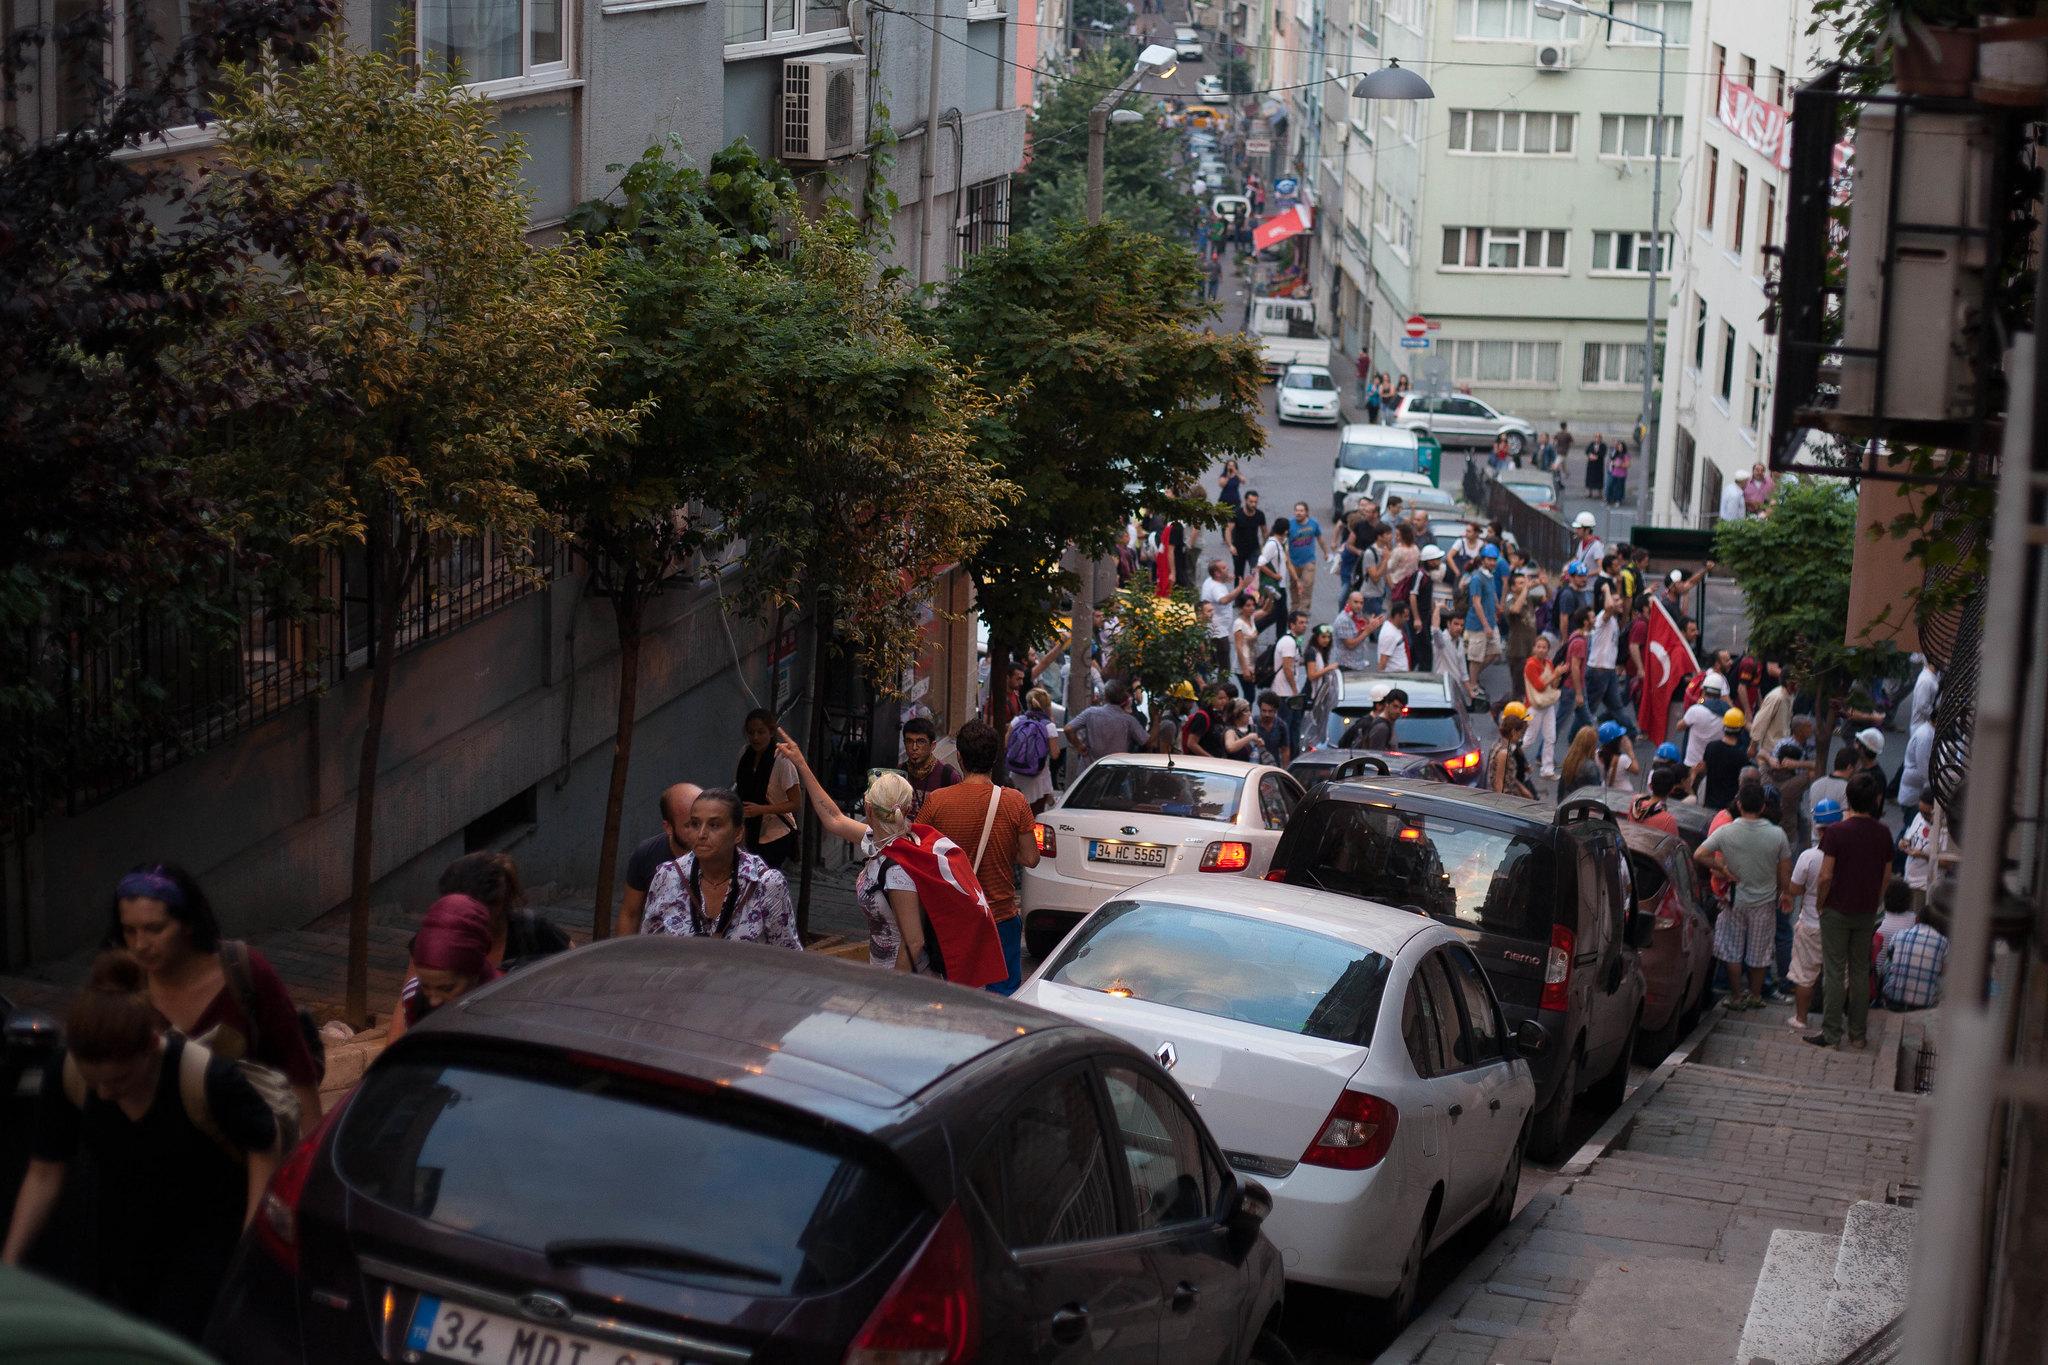 Crowds on their way to Taksim.